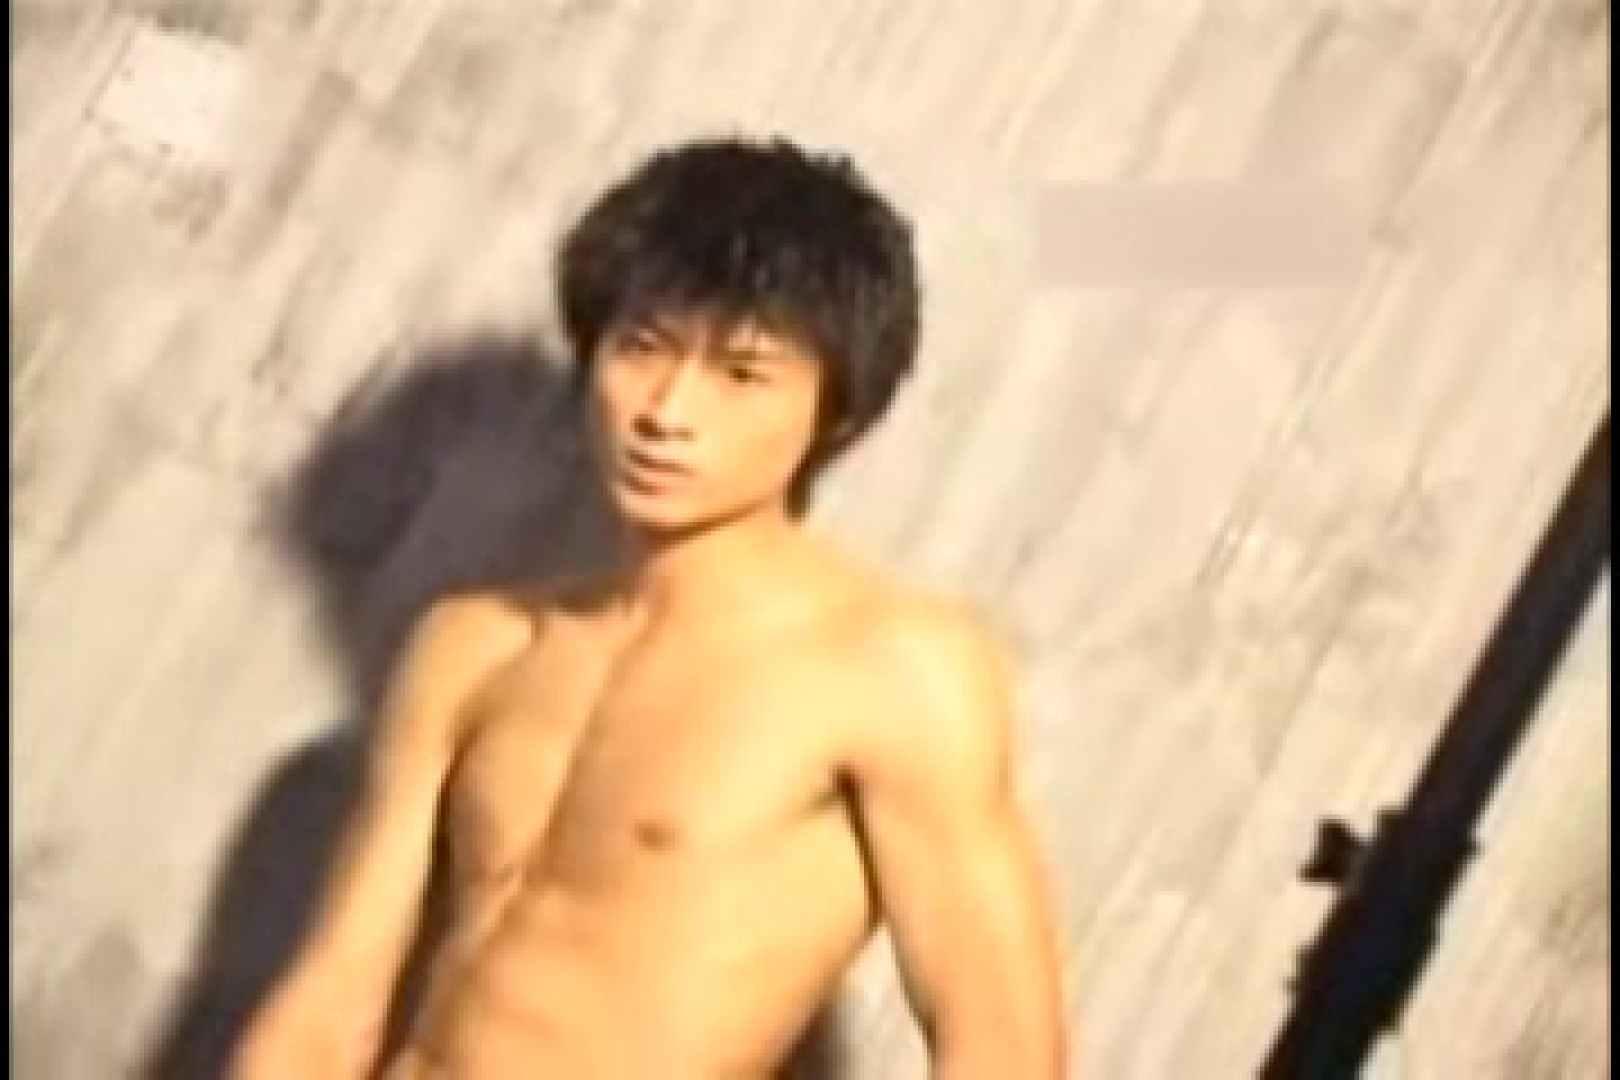 流出!!中出スーパーモデルya● jin hao 男まつり ゲイセックス画像 87枚 24